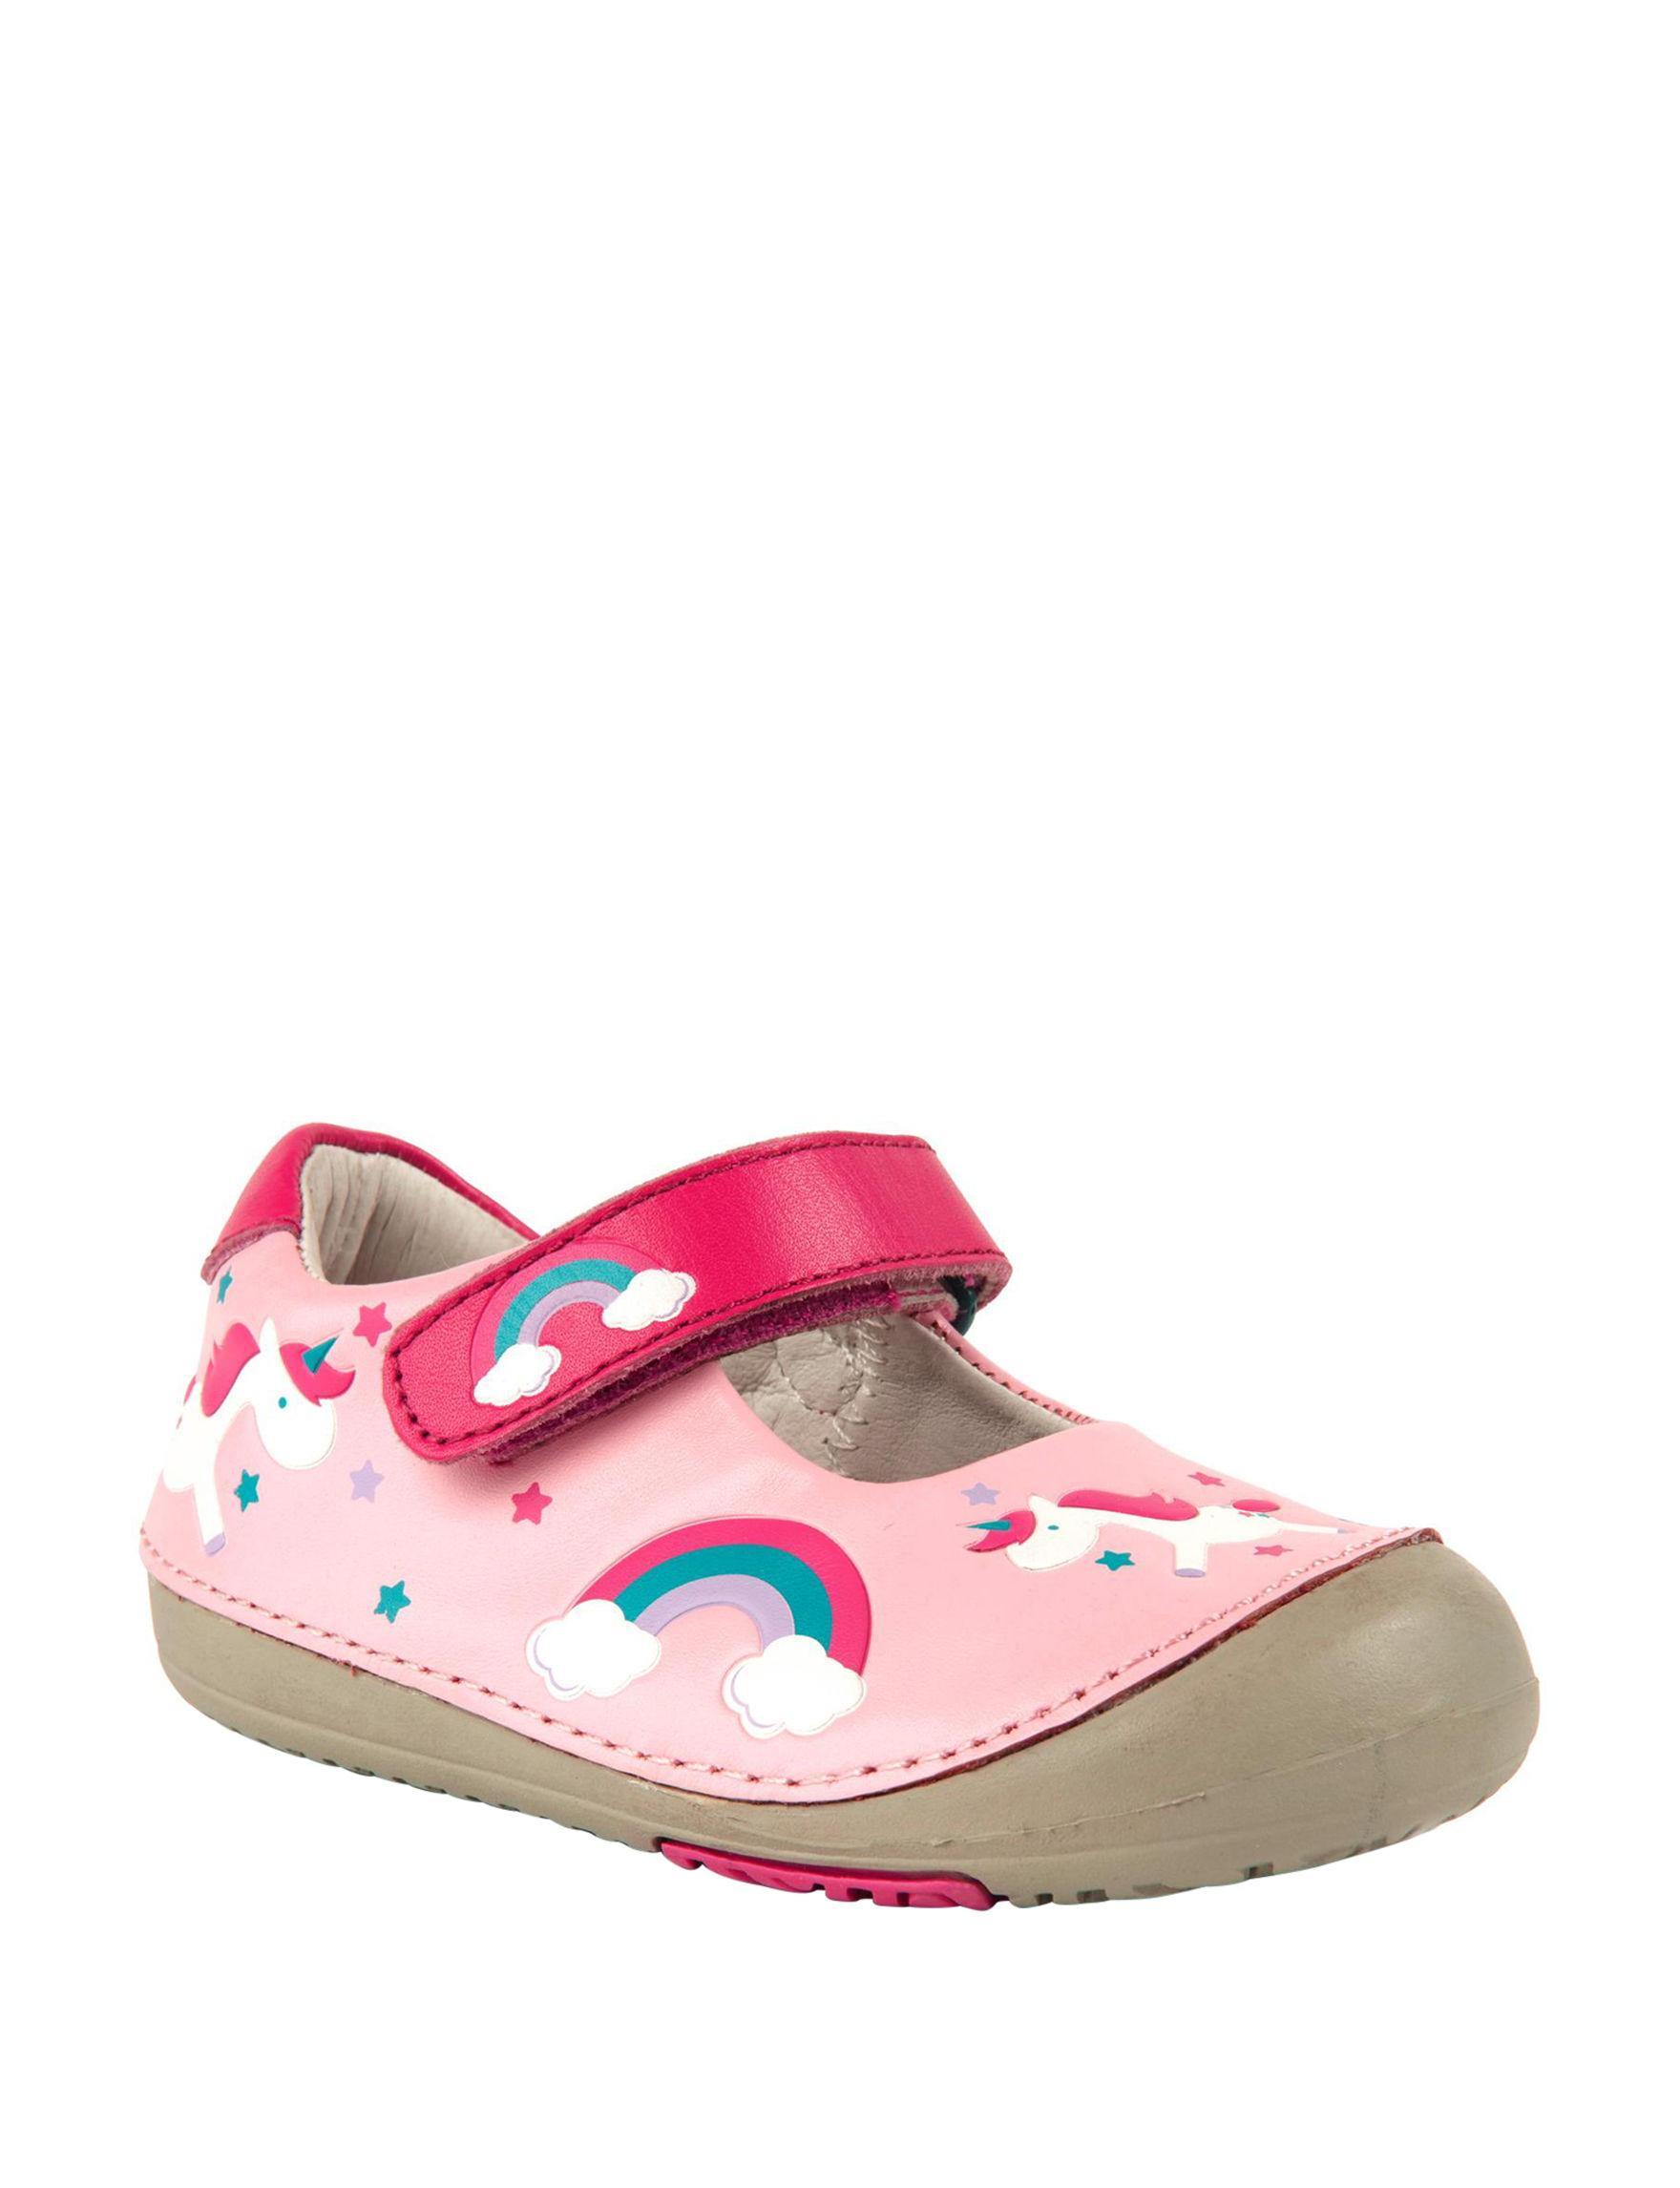 Momo Baby Rainbow Unicorn Shoes Toddler Girls 4 9